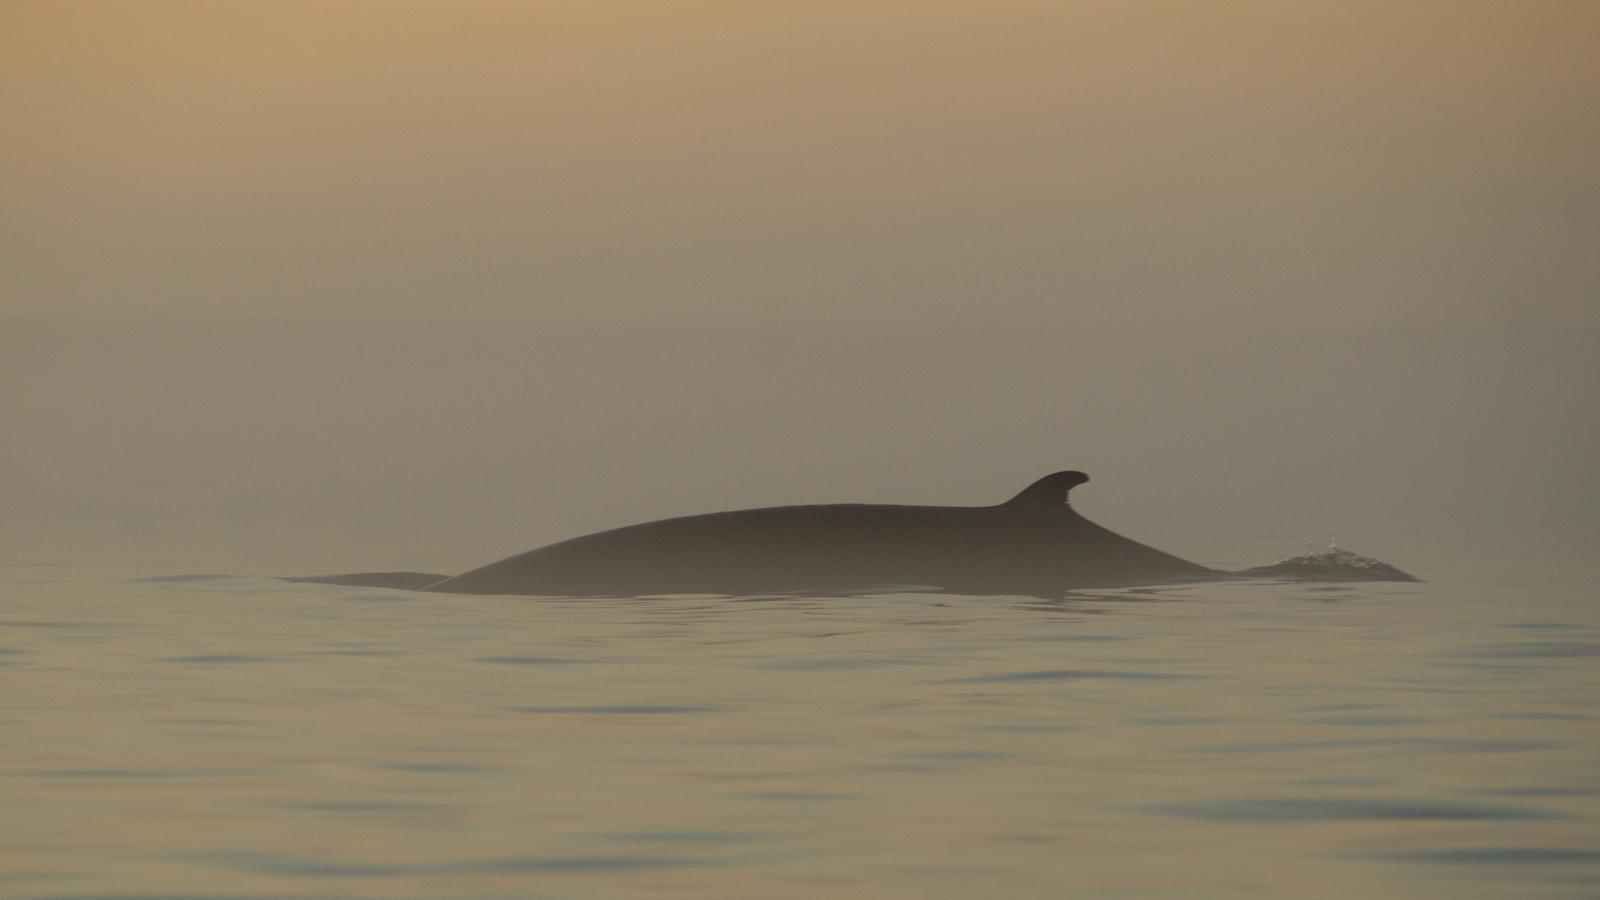 A minke whale